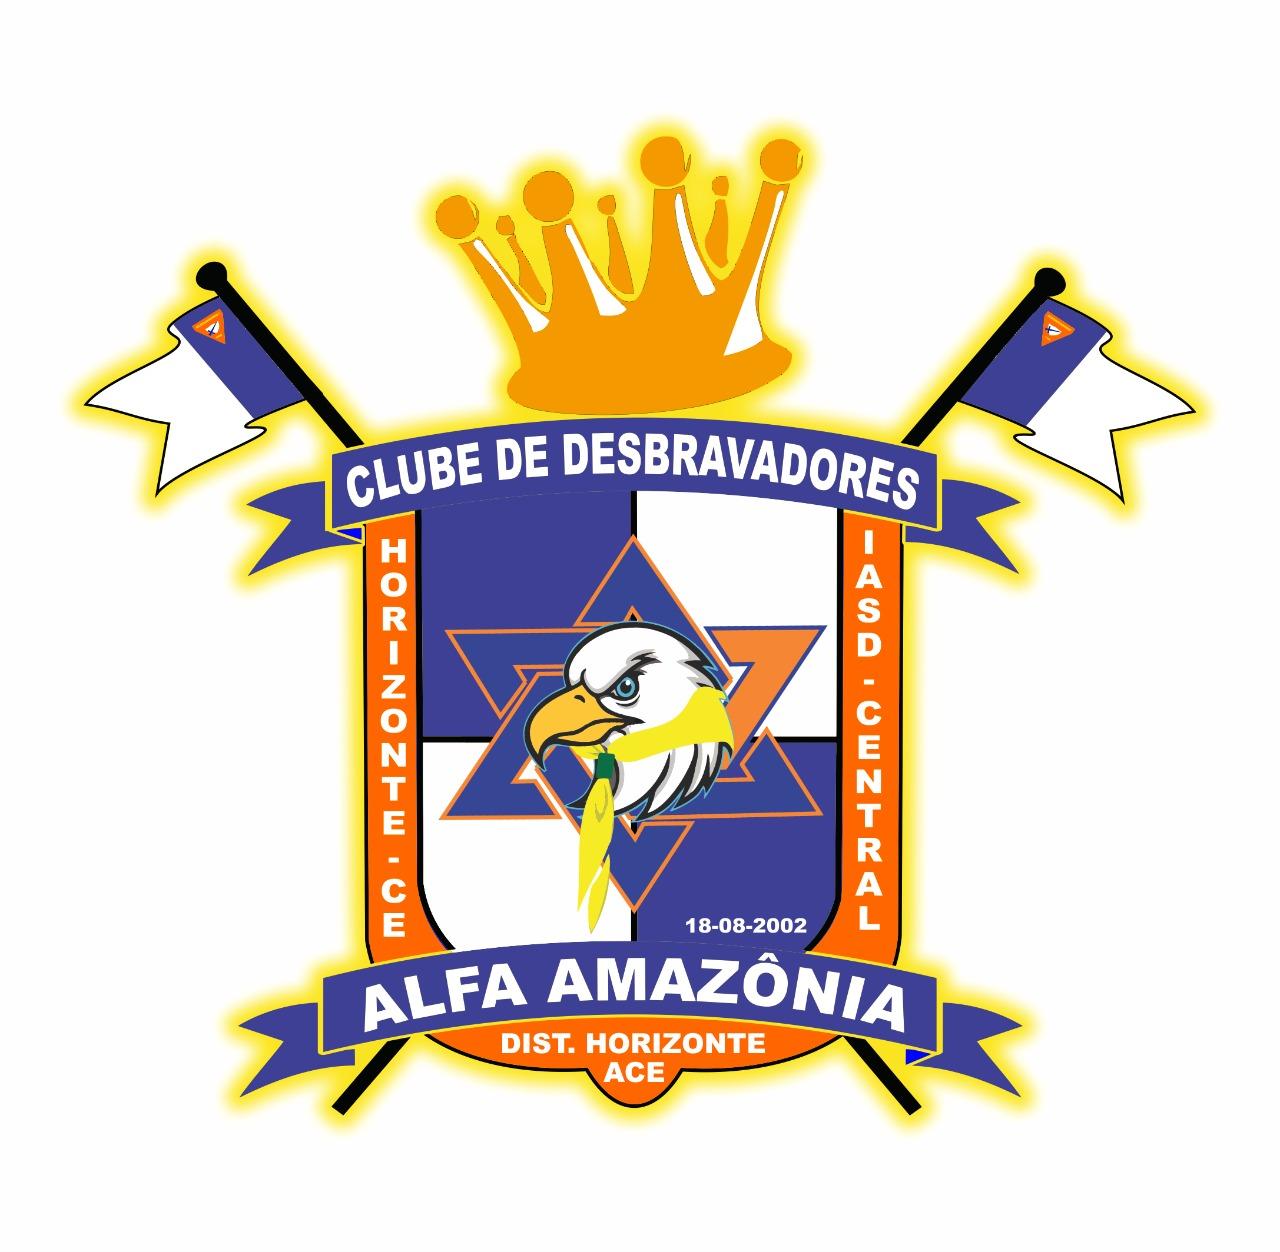 Alfa Amazônia